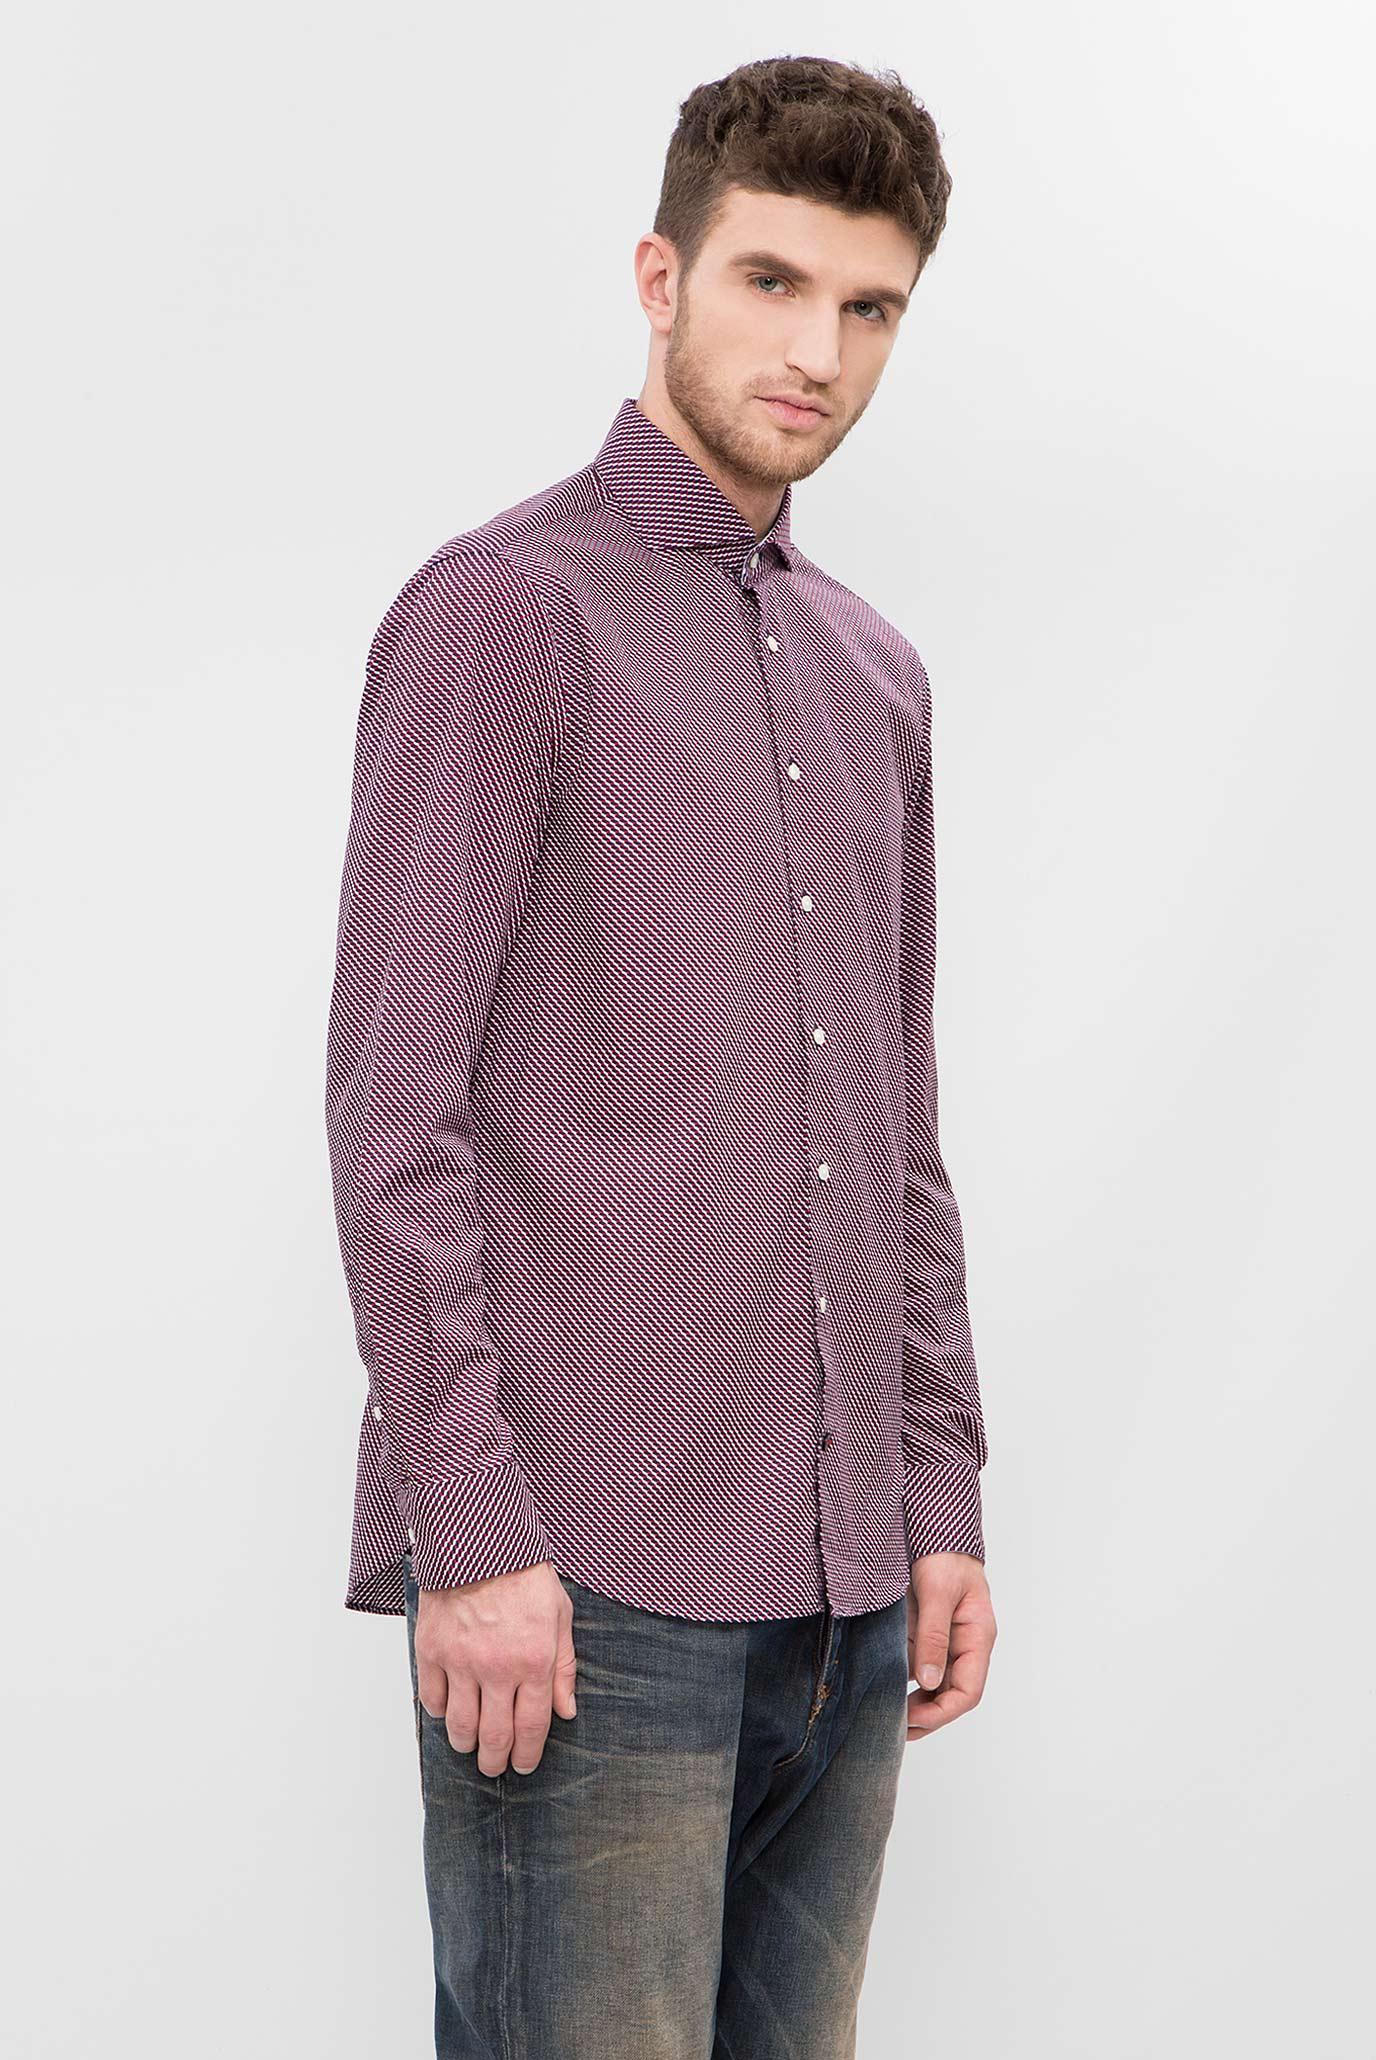 05802191133 Купить Мужская красная рубашка с узором Tommy Hilfiger Tommy Hilfiger  TT87893049 – Киев